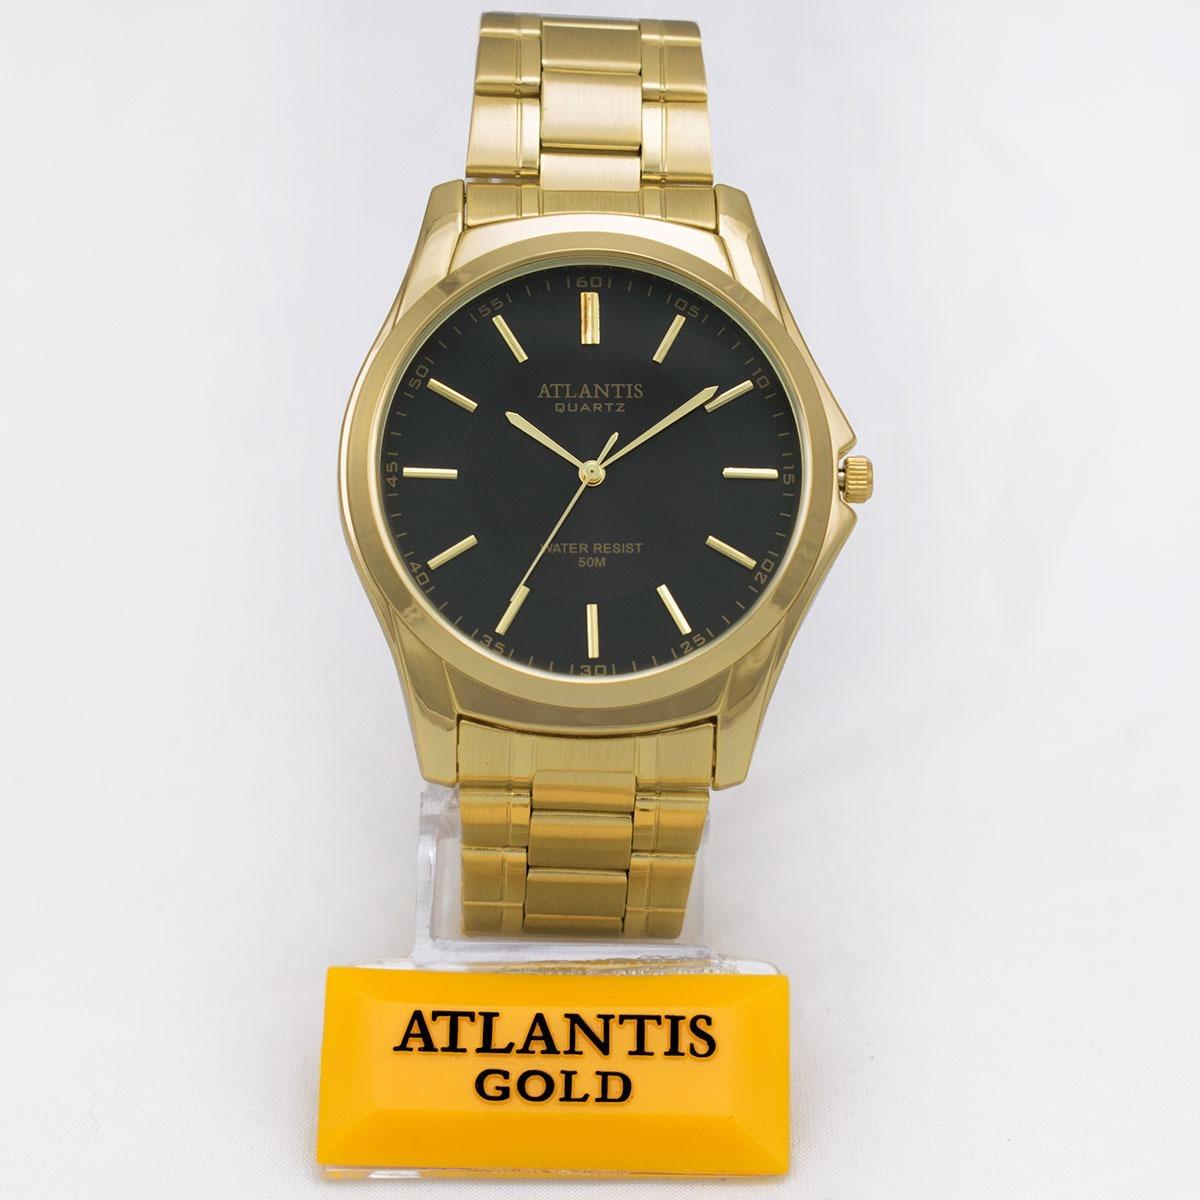 e213df95cd4 relógio atlantis marca original dourado preto aço homem soci. Carregando  zoom.